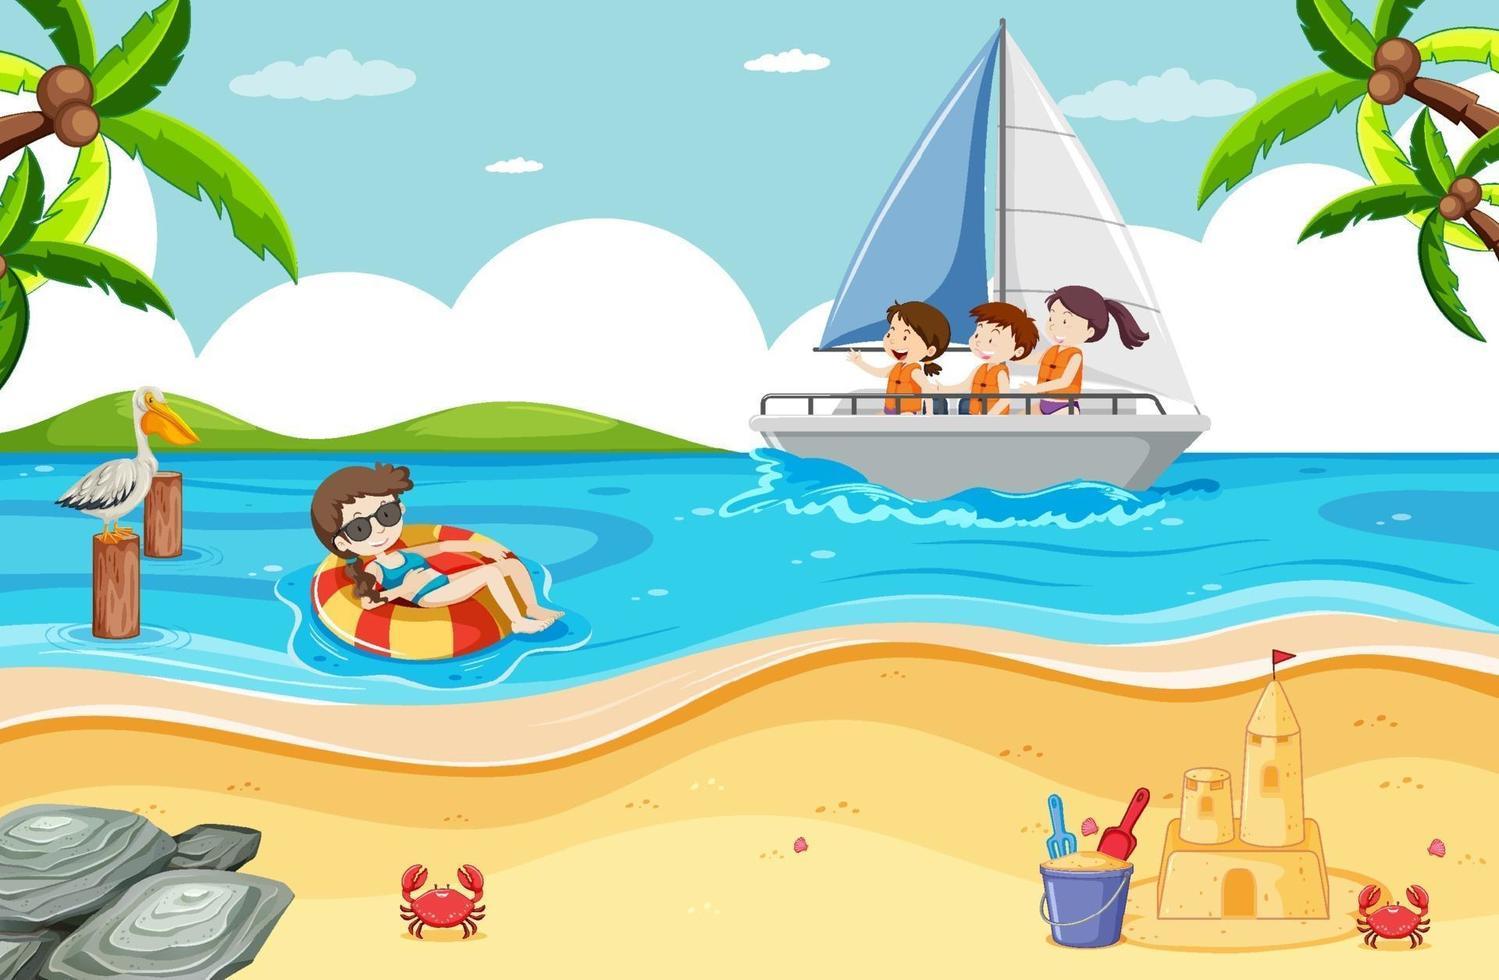 strandtafereel met kinderen op een zeilboot vector